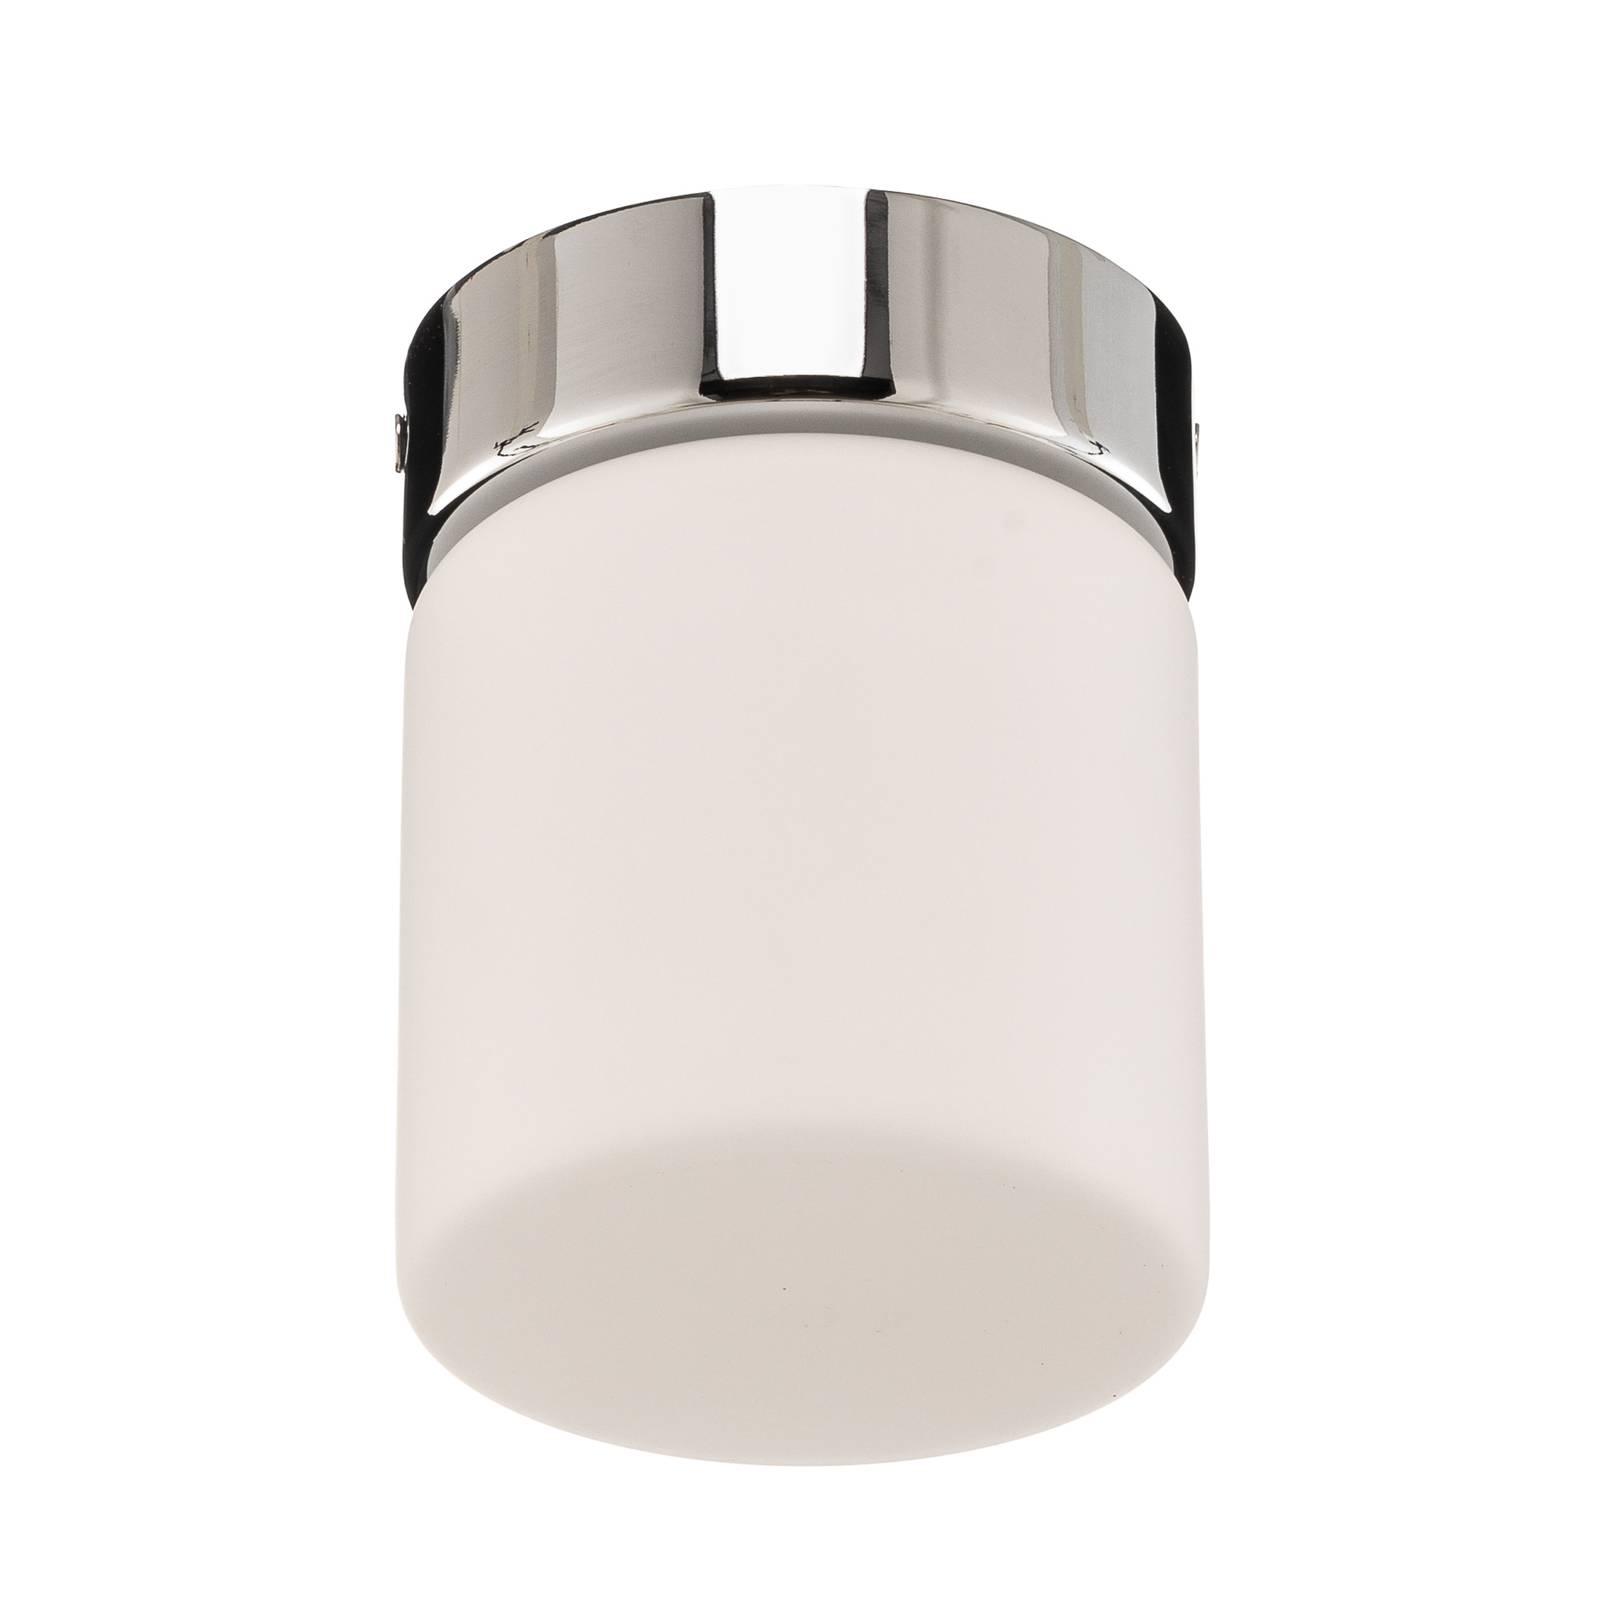 deckenstrahler und andere lampen von helestra online kaufen bei m bel garten. Black Bedroom Furniture Sets. Home Design Ideas